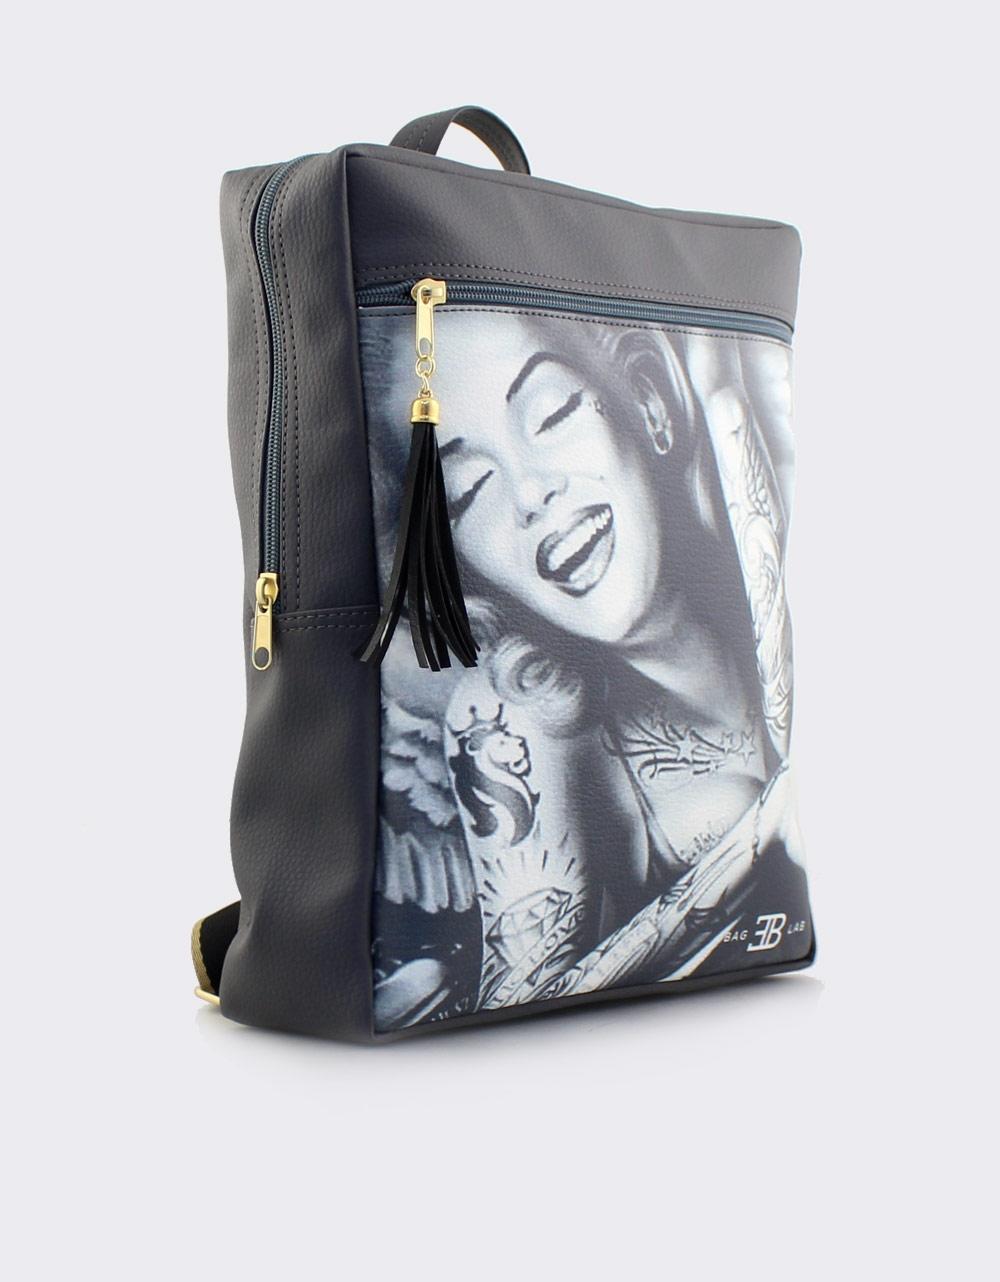 Εικόνα από Γυναικεία σακίδια πλάτης με Merilyn Monroe Γκρι